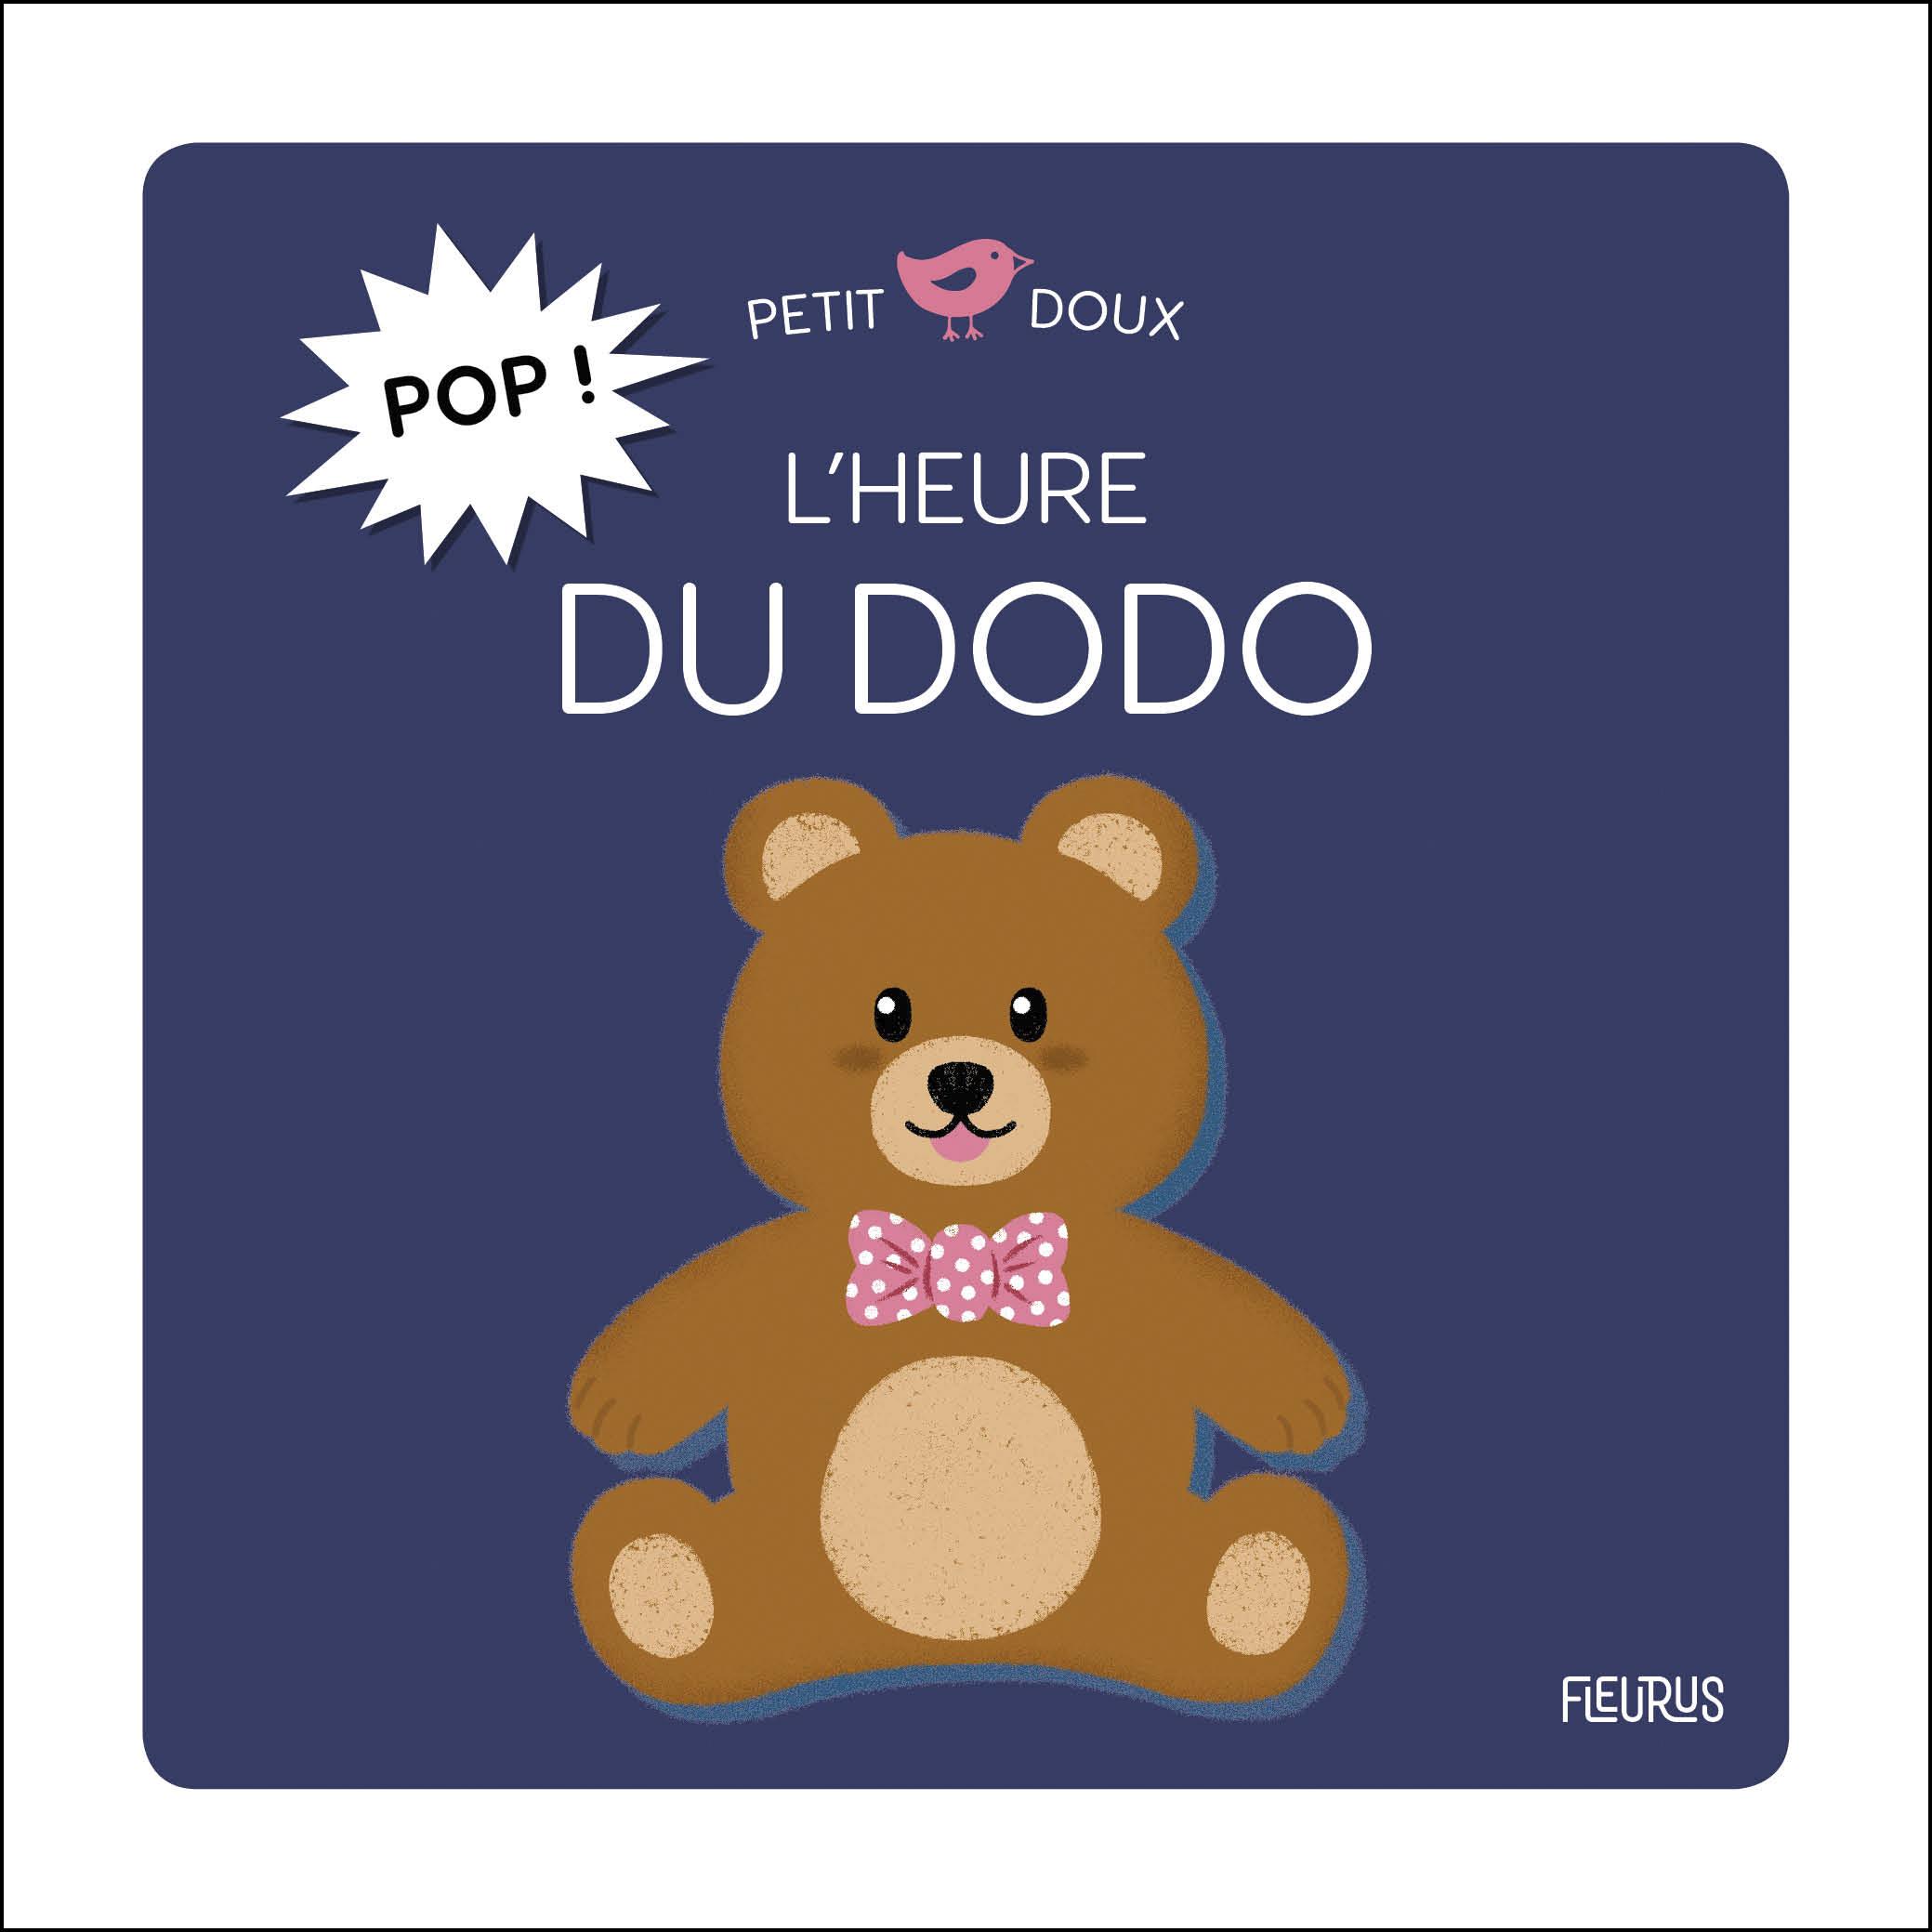 POP ! L HEURE DU DODO